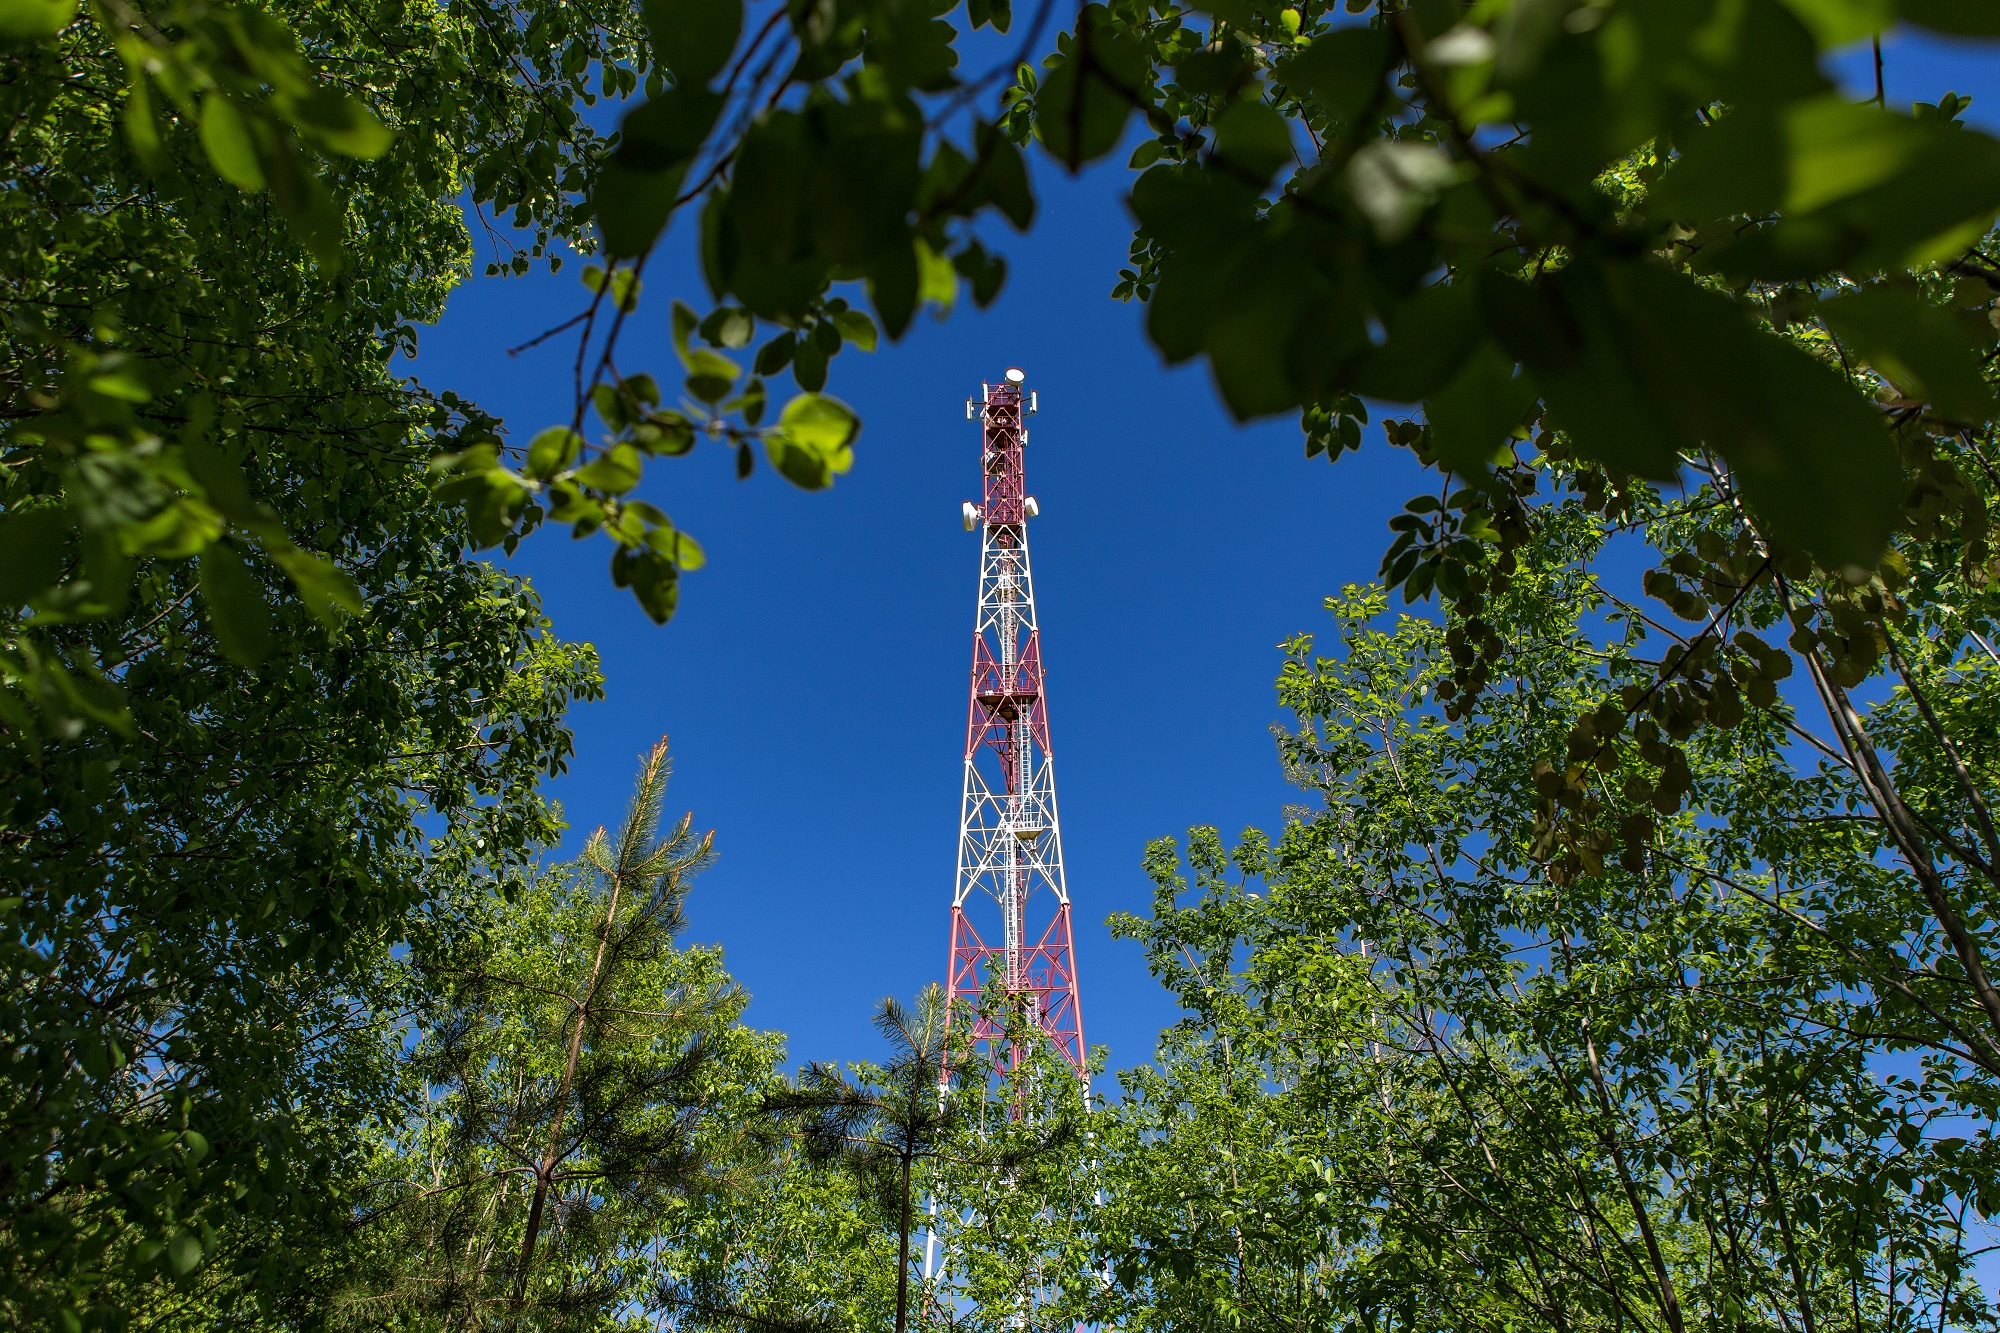 Big Data МегаФона помогла ускорить 4G в Кировской области